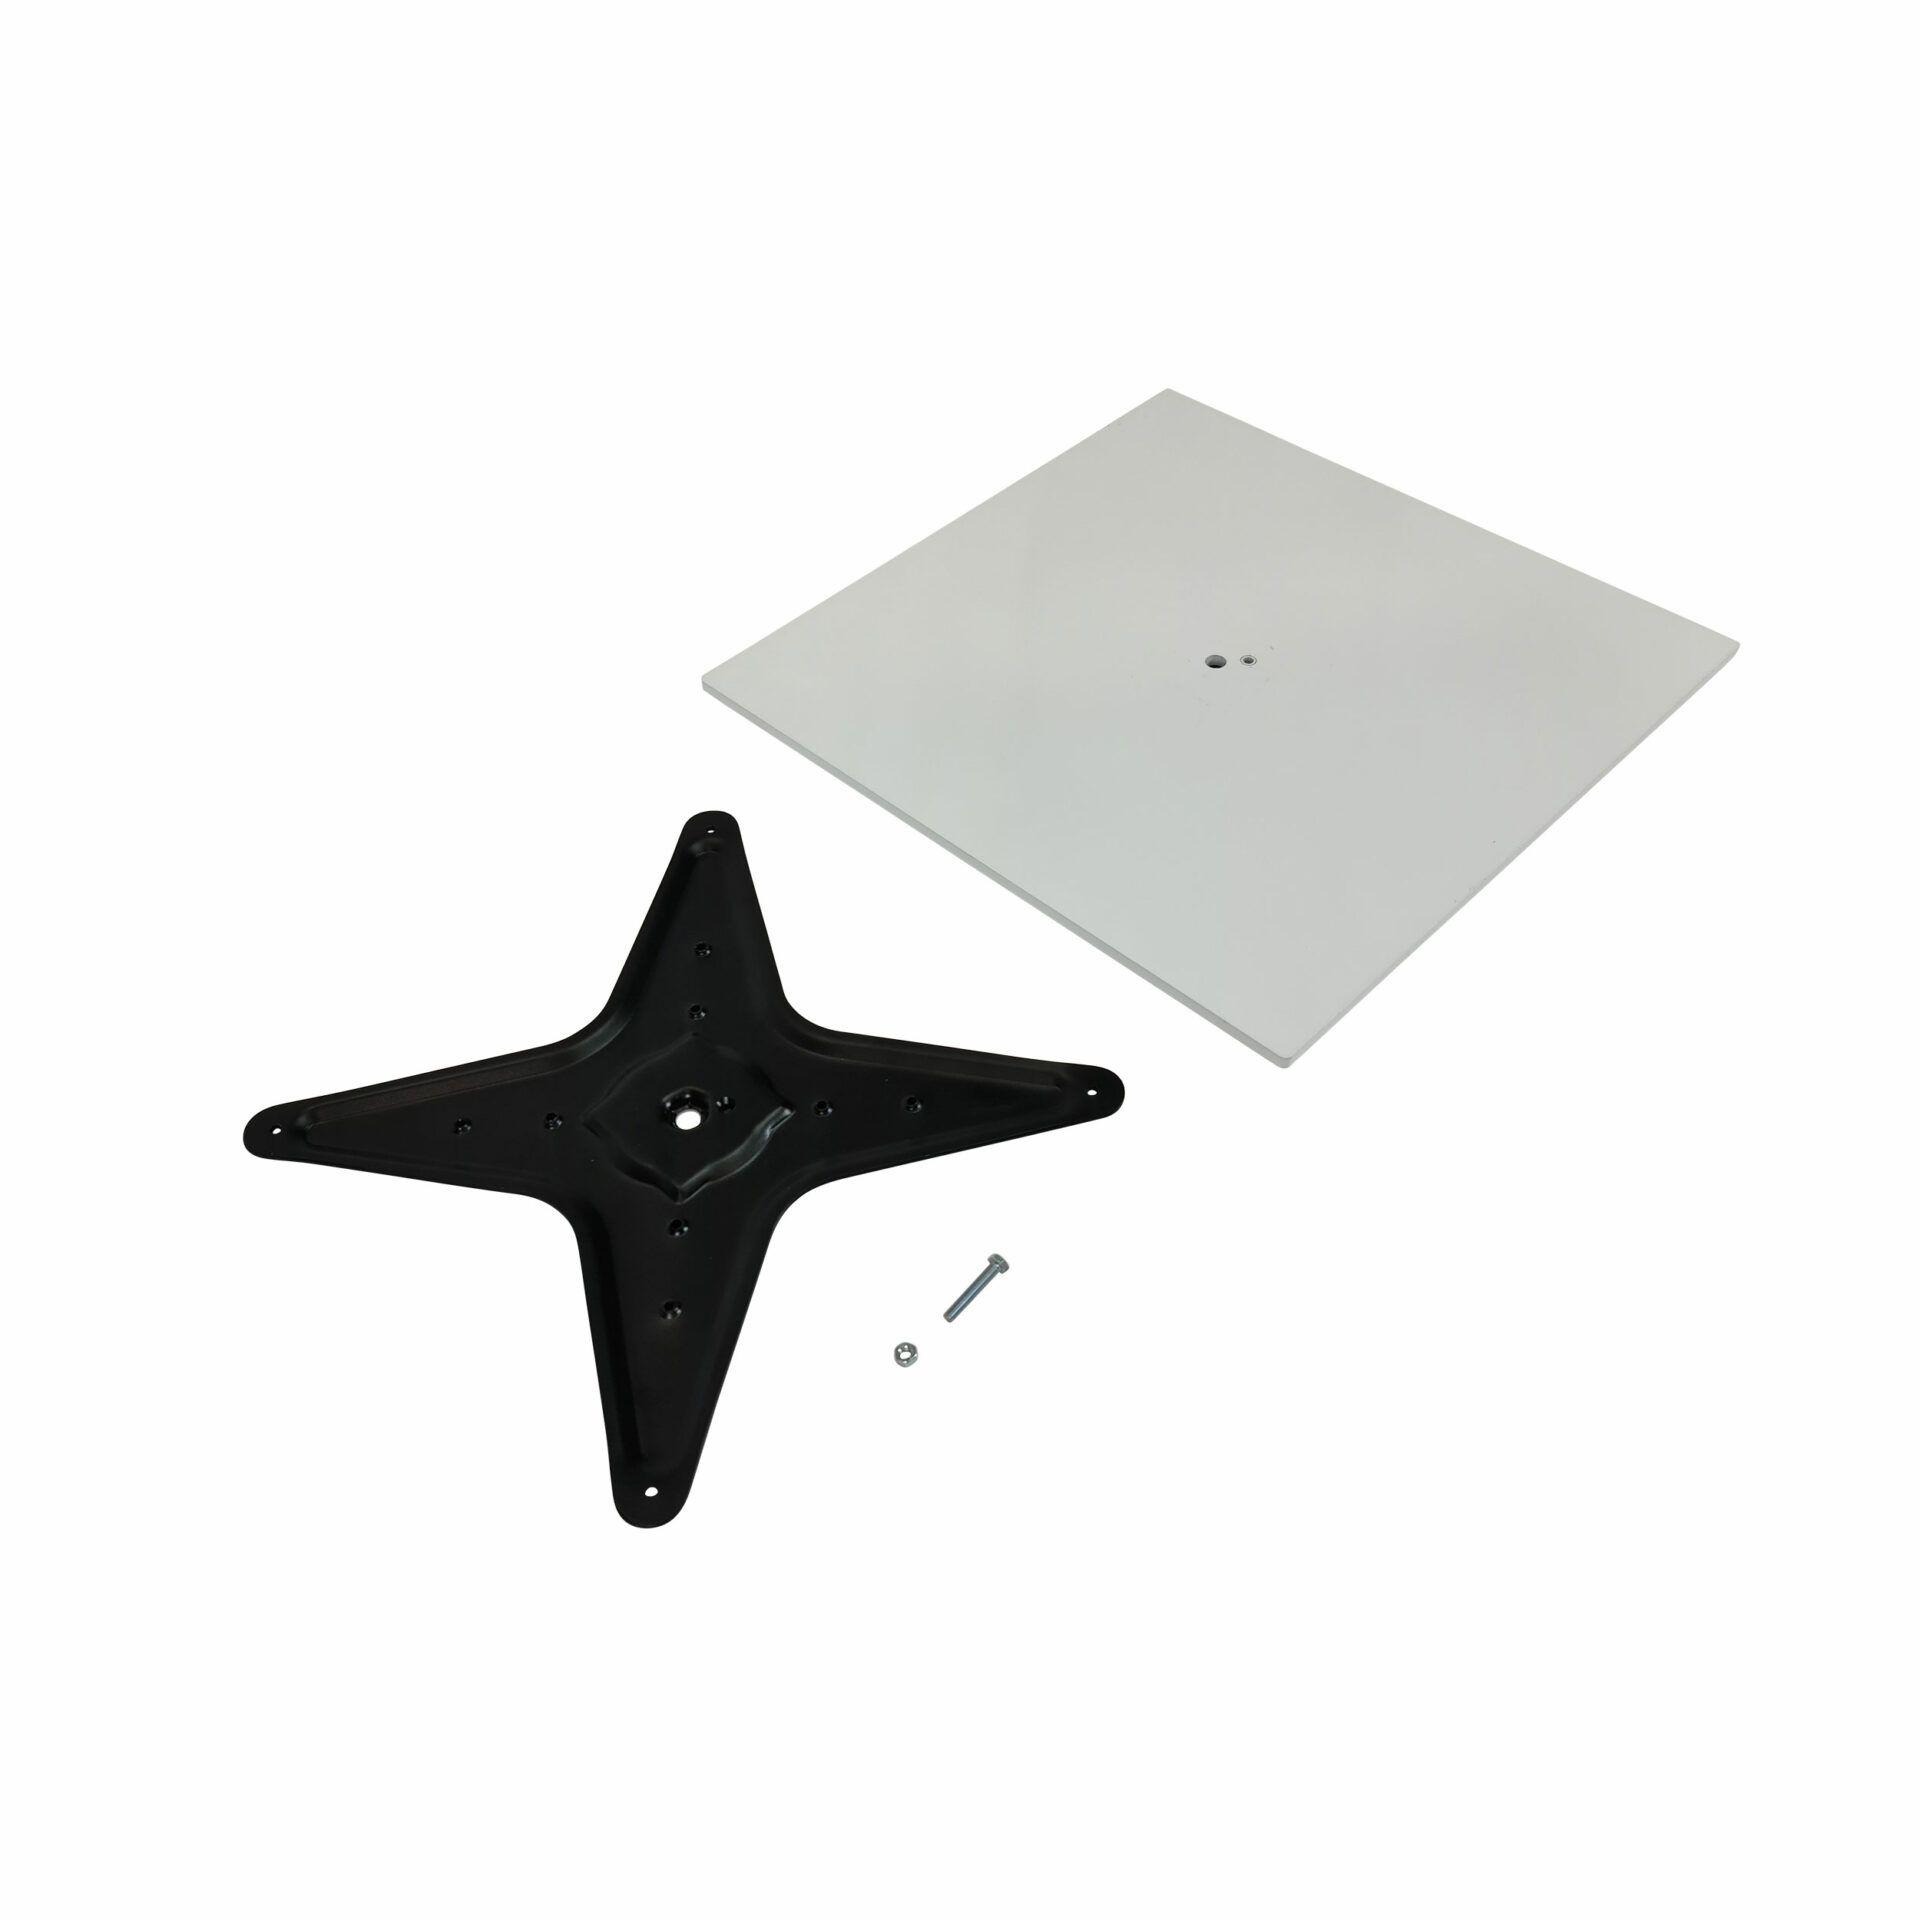 calais table base white.parts